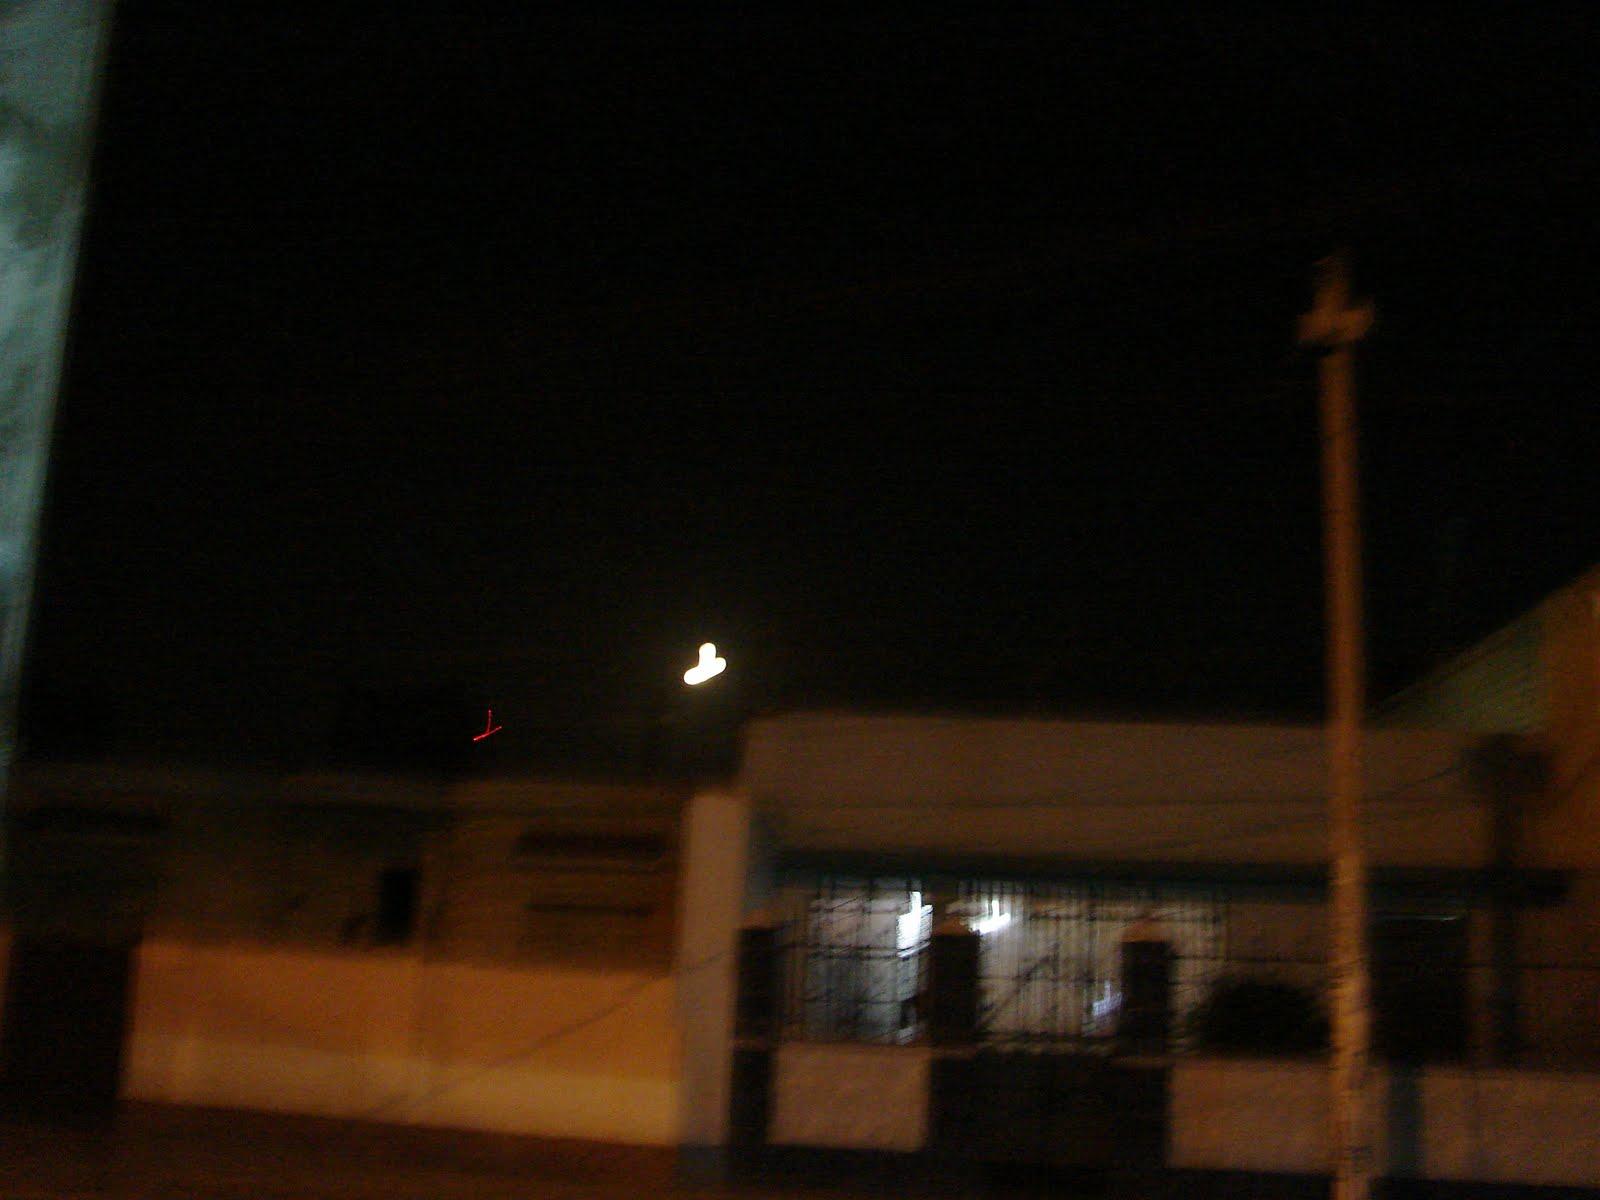 12enero-13-14-15-16-17...2012 oNI Y lUNA LLENA forman las YY sec ufo x Fito.33.p.